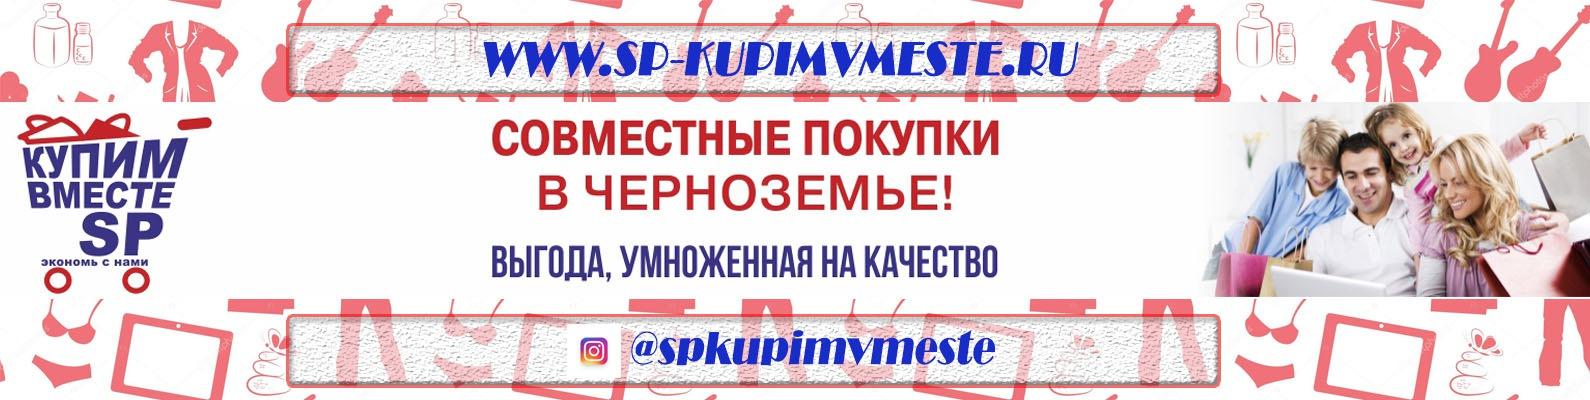 Совместные покупки в Воронеже и Черноземье!   ВКонтакте 014709c1acc